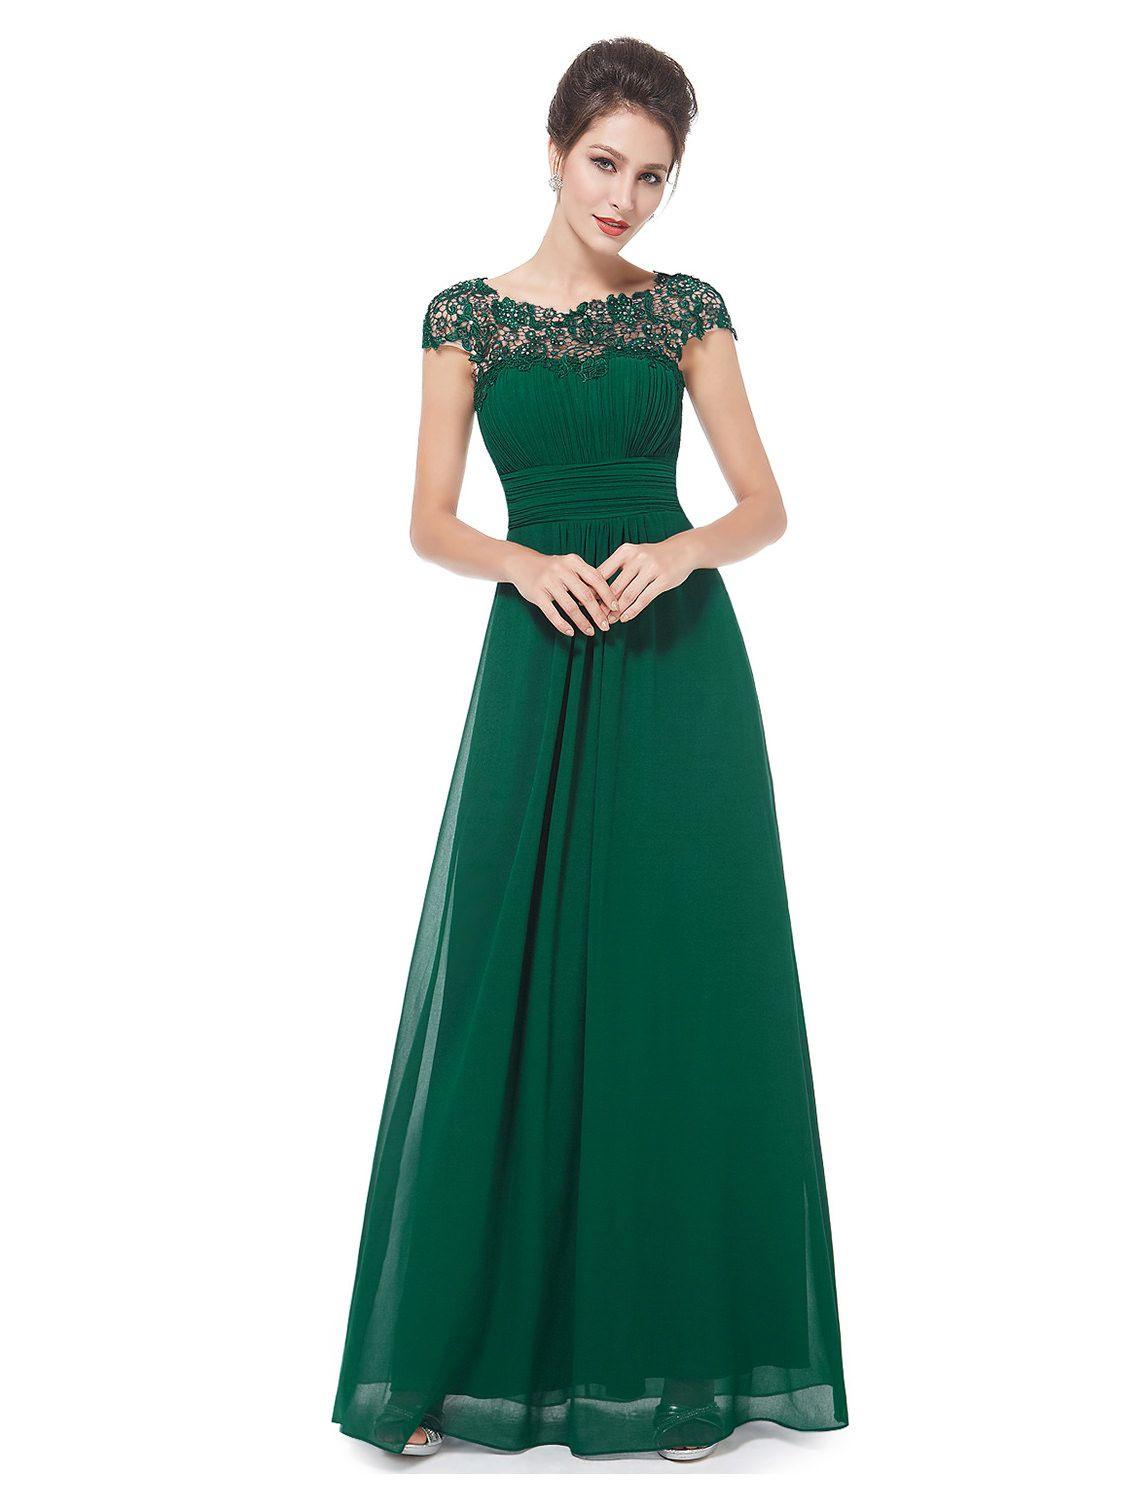 15 Schön Günstige Abendkleider Damen Ärmel15 Top Günstige Abendkleider Damen Design